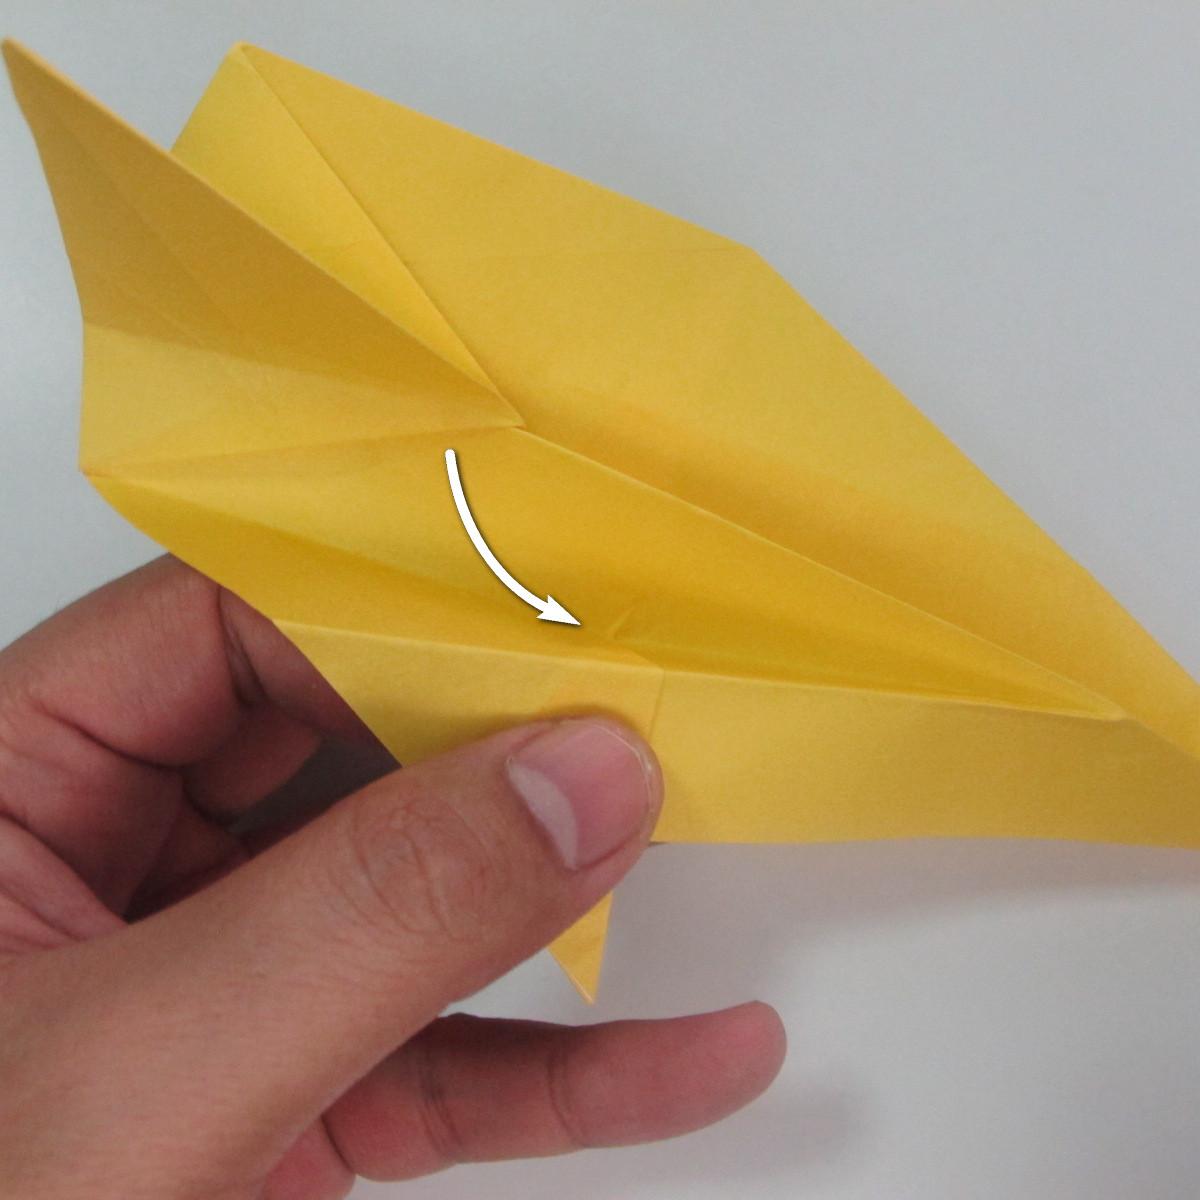 สอนวิธีพับกระดาษเป็นรูปลูกสุนัขยืนสองขา แบบของพอล ฟราสโก้ (Down Boy Dog Origami) 060